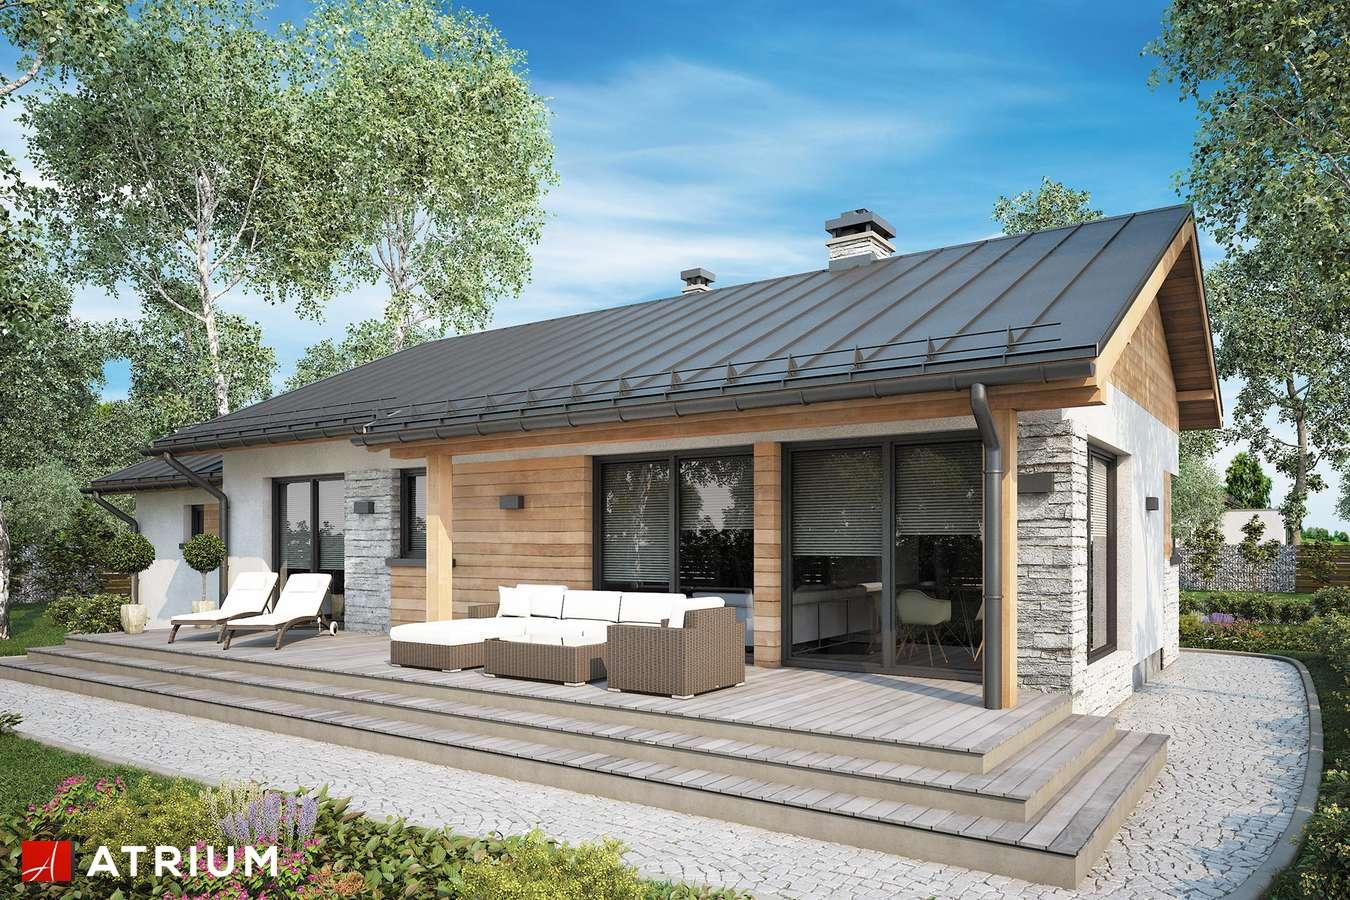 Projekty domów - Projekt domu parterowego ROBERTO II - wizualizacja 2 - wersja lustrzana